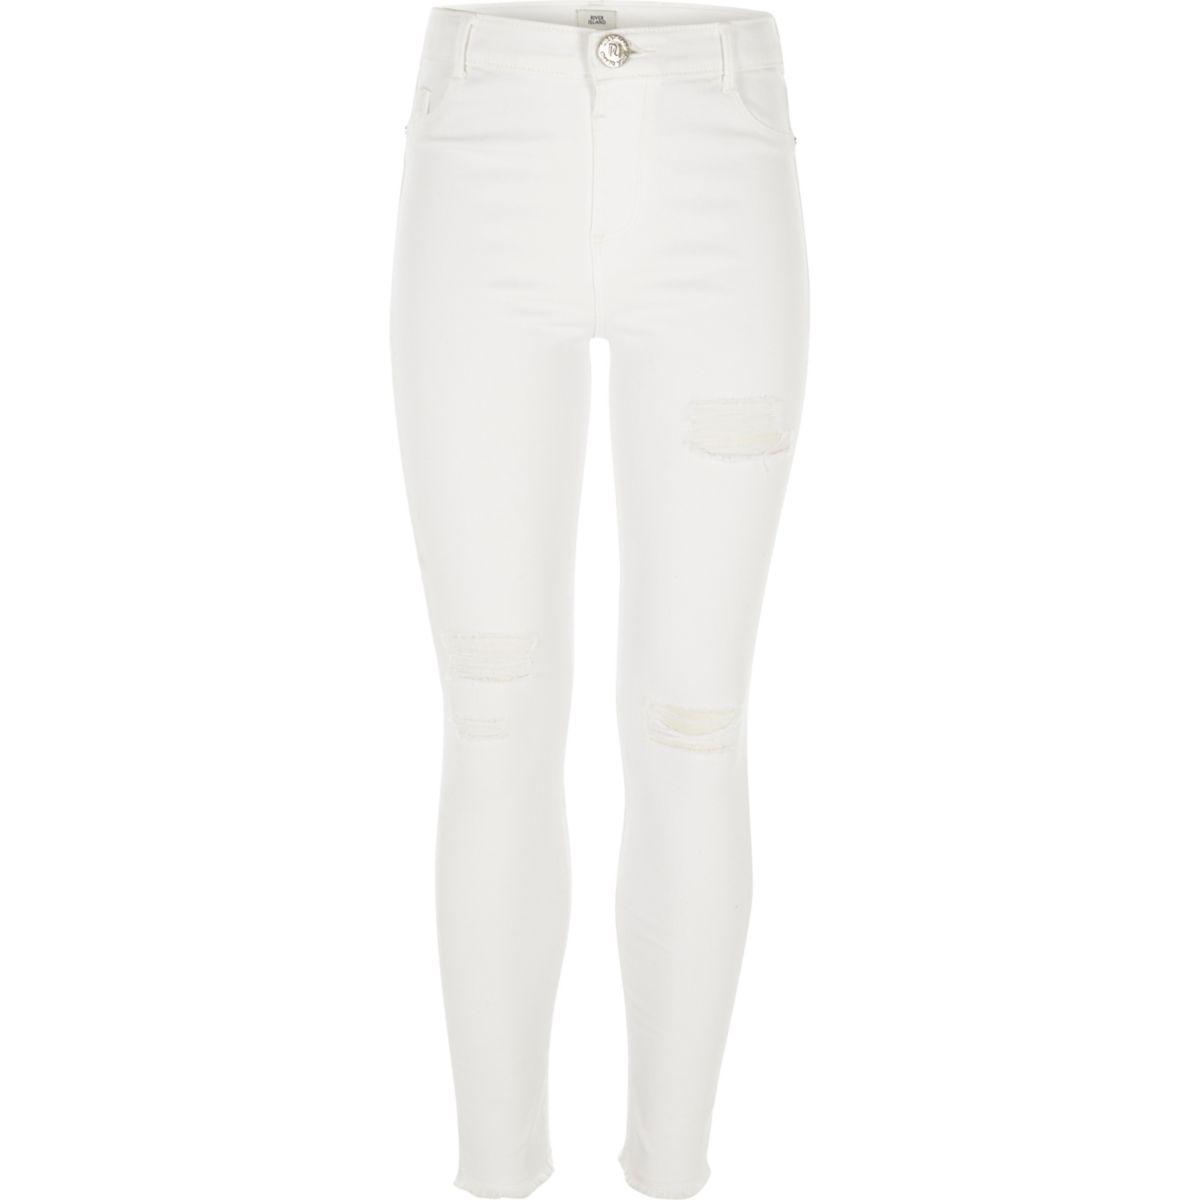 Amelie – Skinny Jeans im Used Look